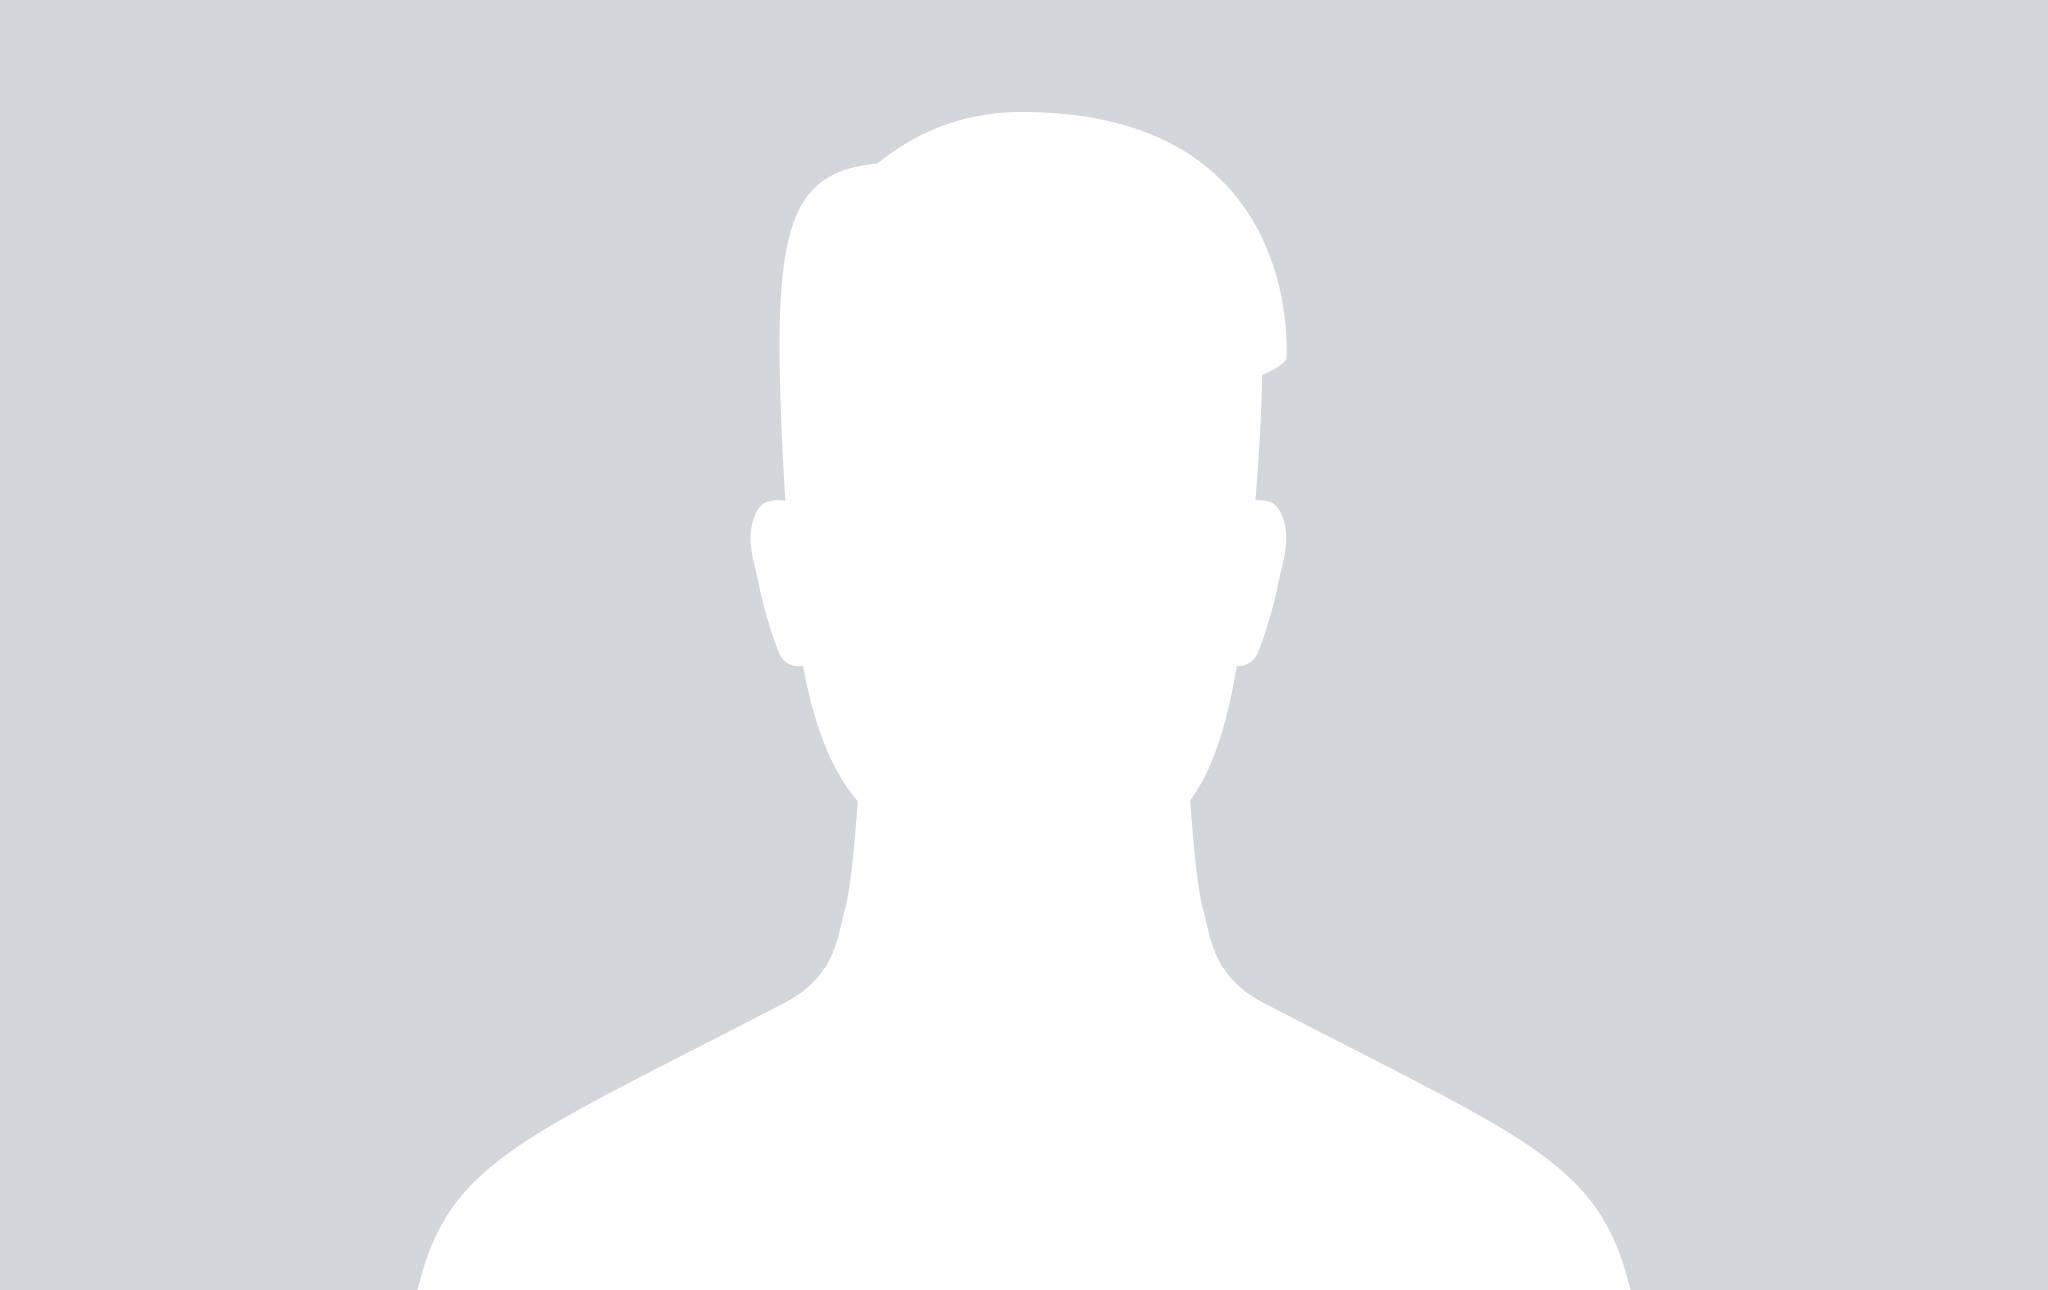 https://d2yht872mhrlra.cloudfront.net/user/138550/user_138550.jpg